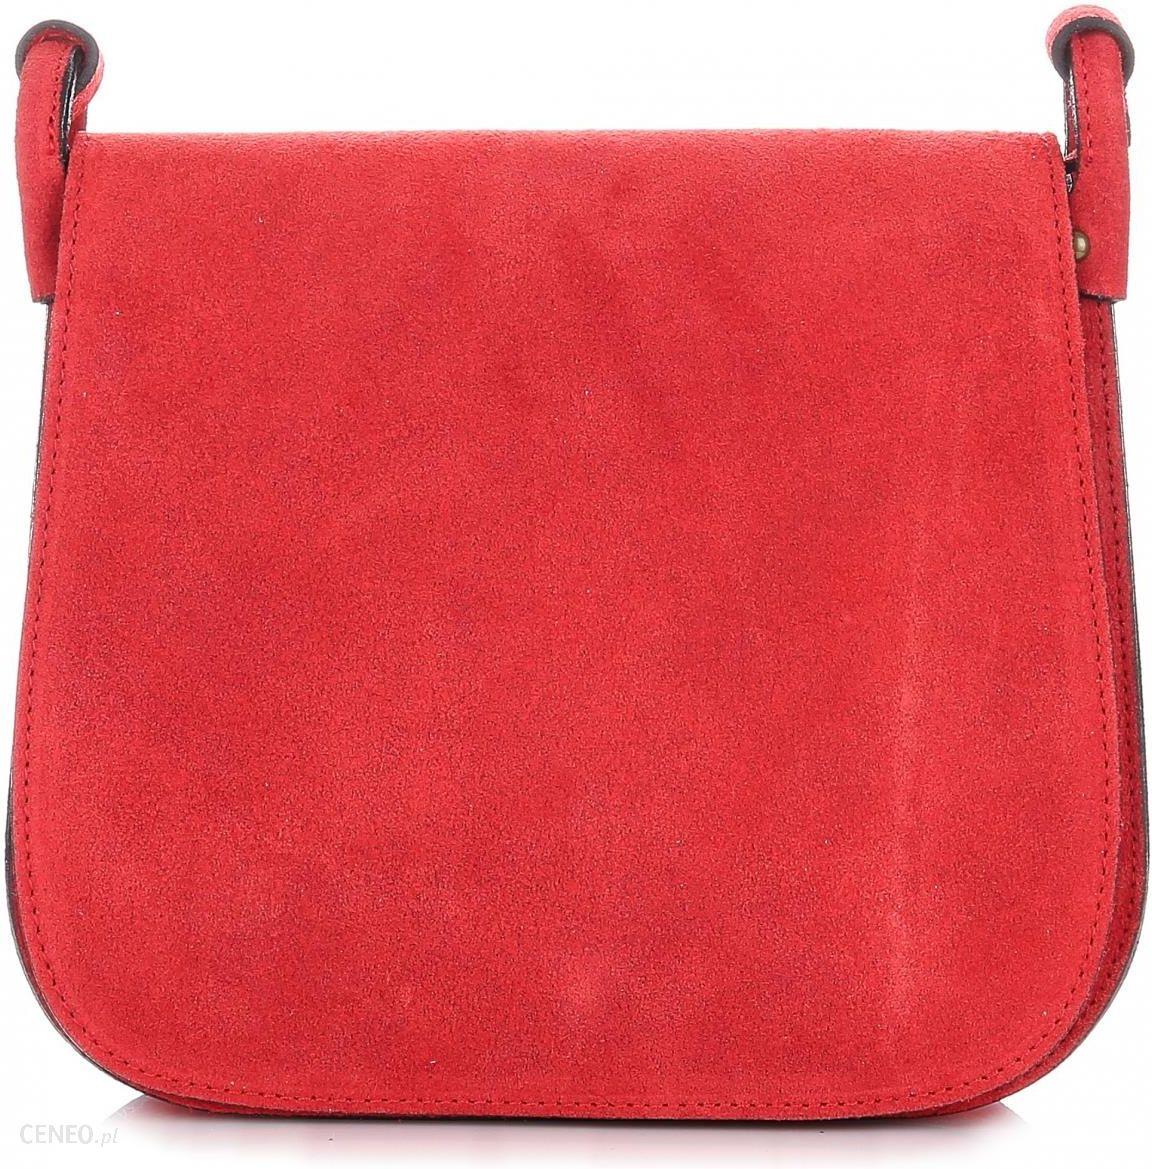 95a7b25c88b58 Torebki Listonoszki Skórzane Firmy Genuine Leather Czerwona (kolory) -  zdjęcie 1